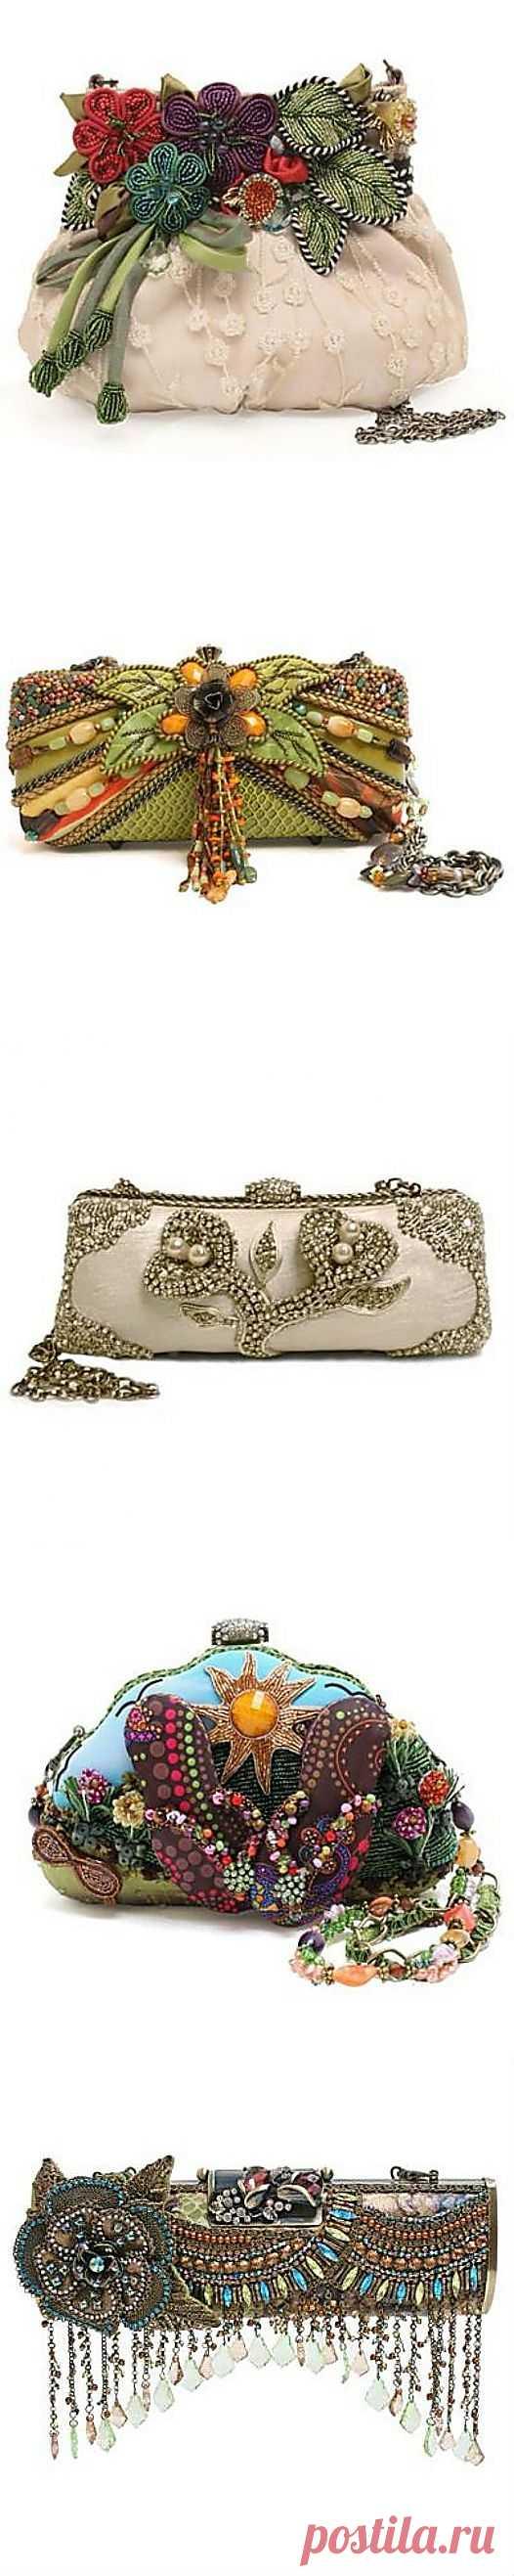 Бисерная вышивка. Сказочные узоры в сумках Mary Frances или идеи для творчества.... | Золотые Руки